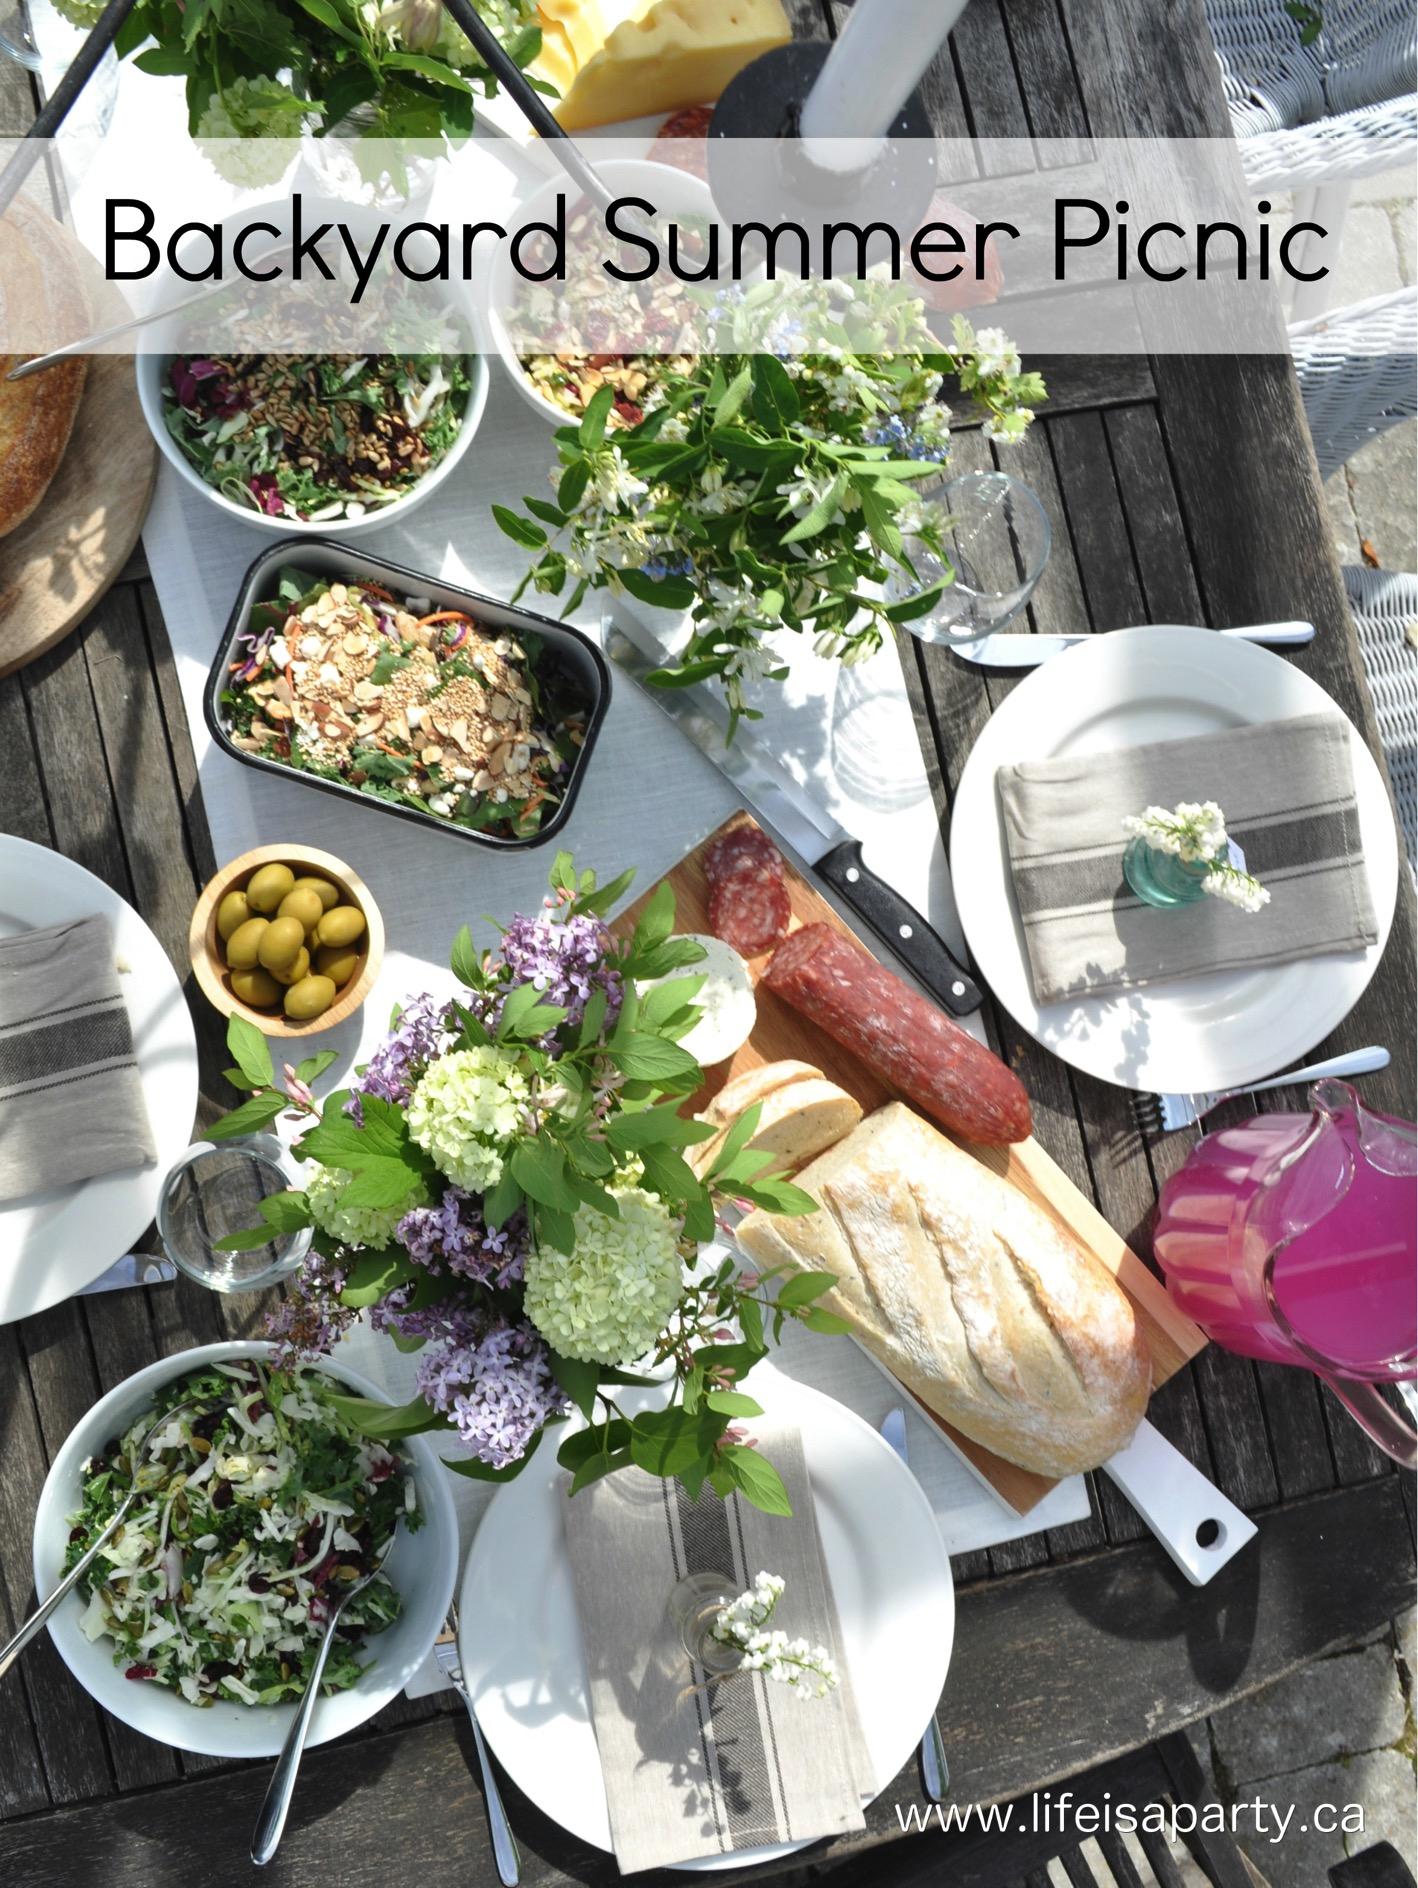 23.SIMPHOME.COM A summer backyard picnic